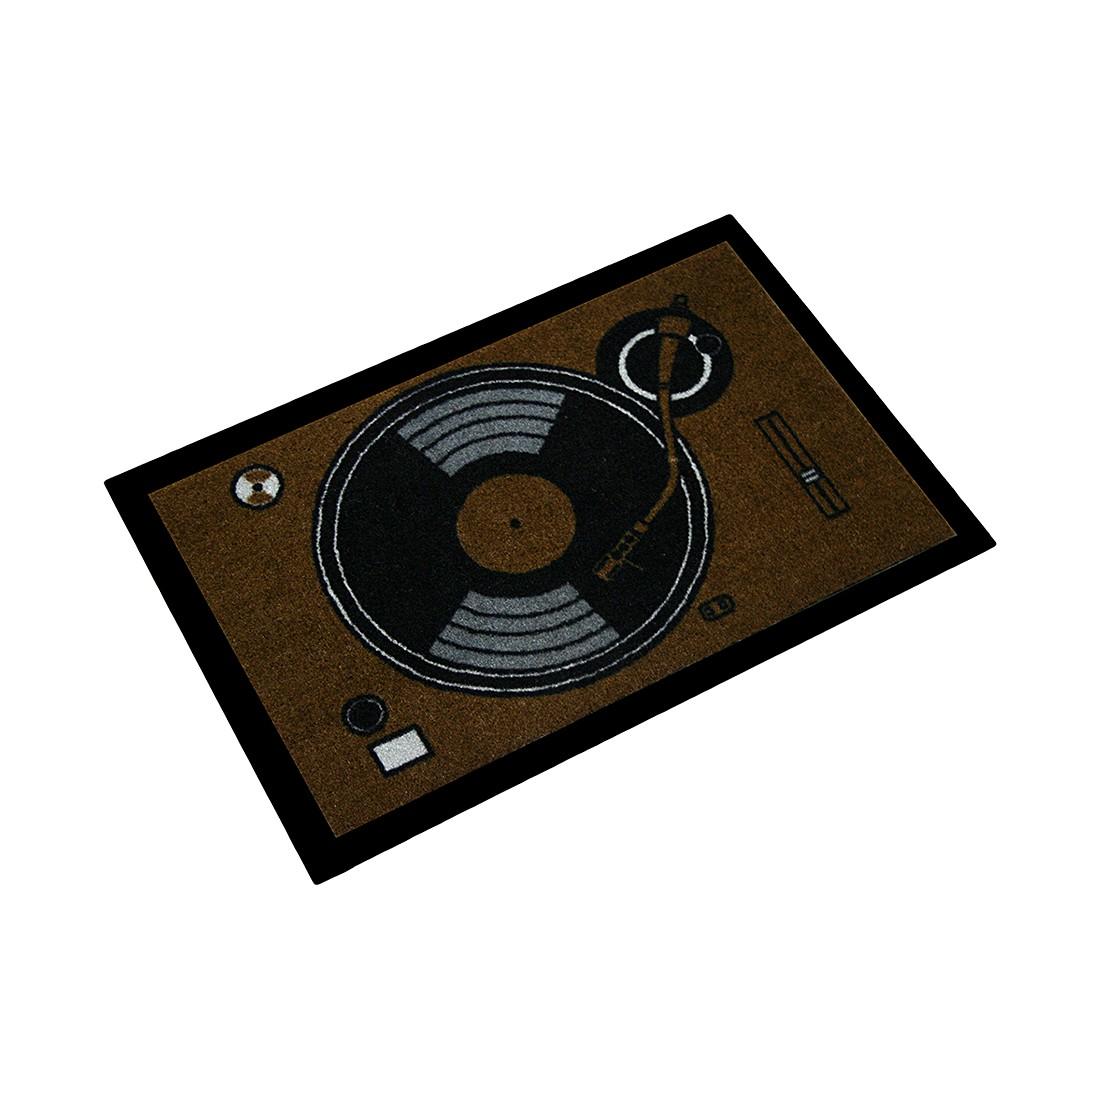 Fußmatte Printy DJ II, Hanse Home Collection günstig online kaufen